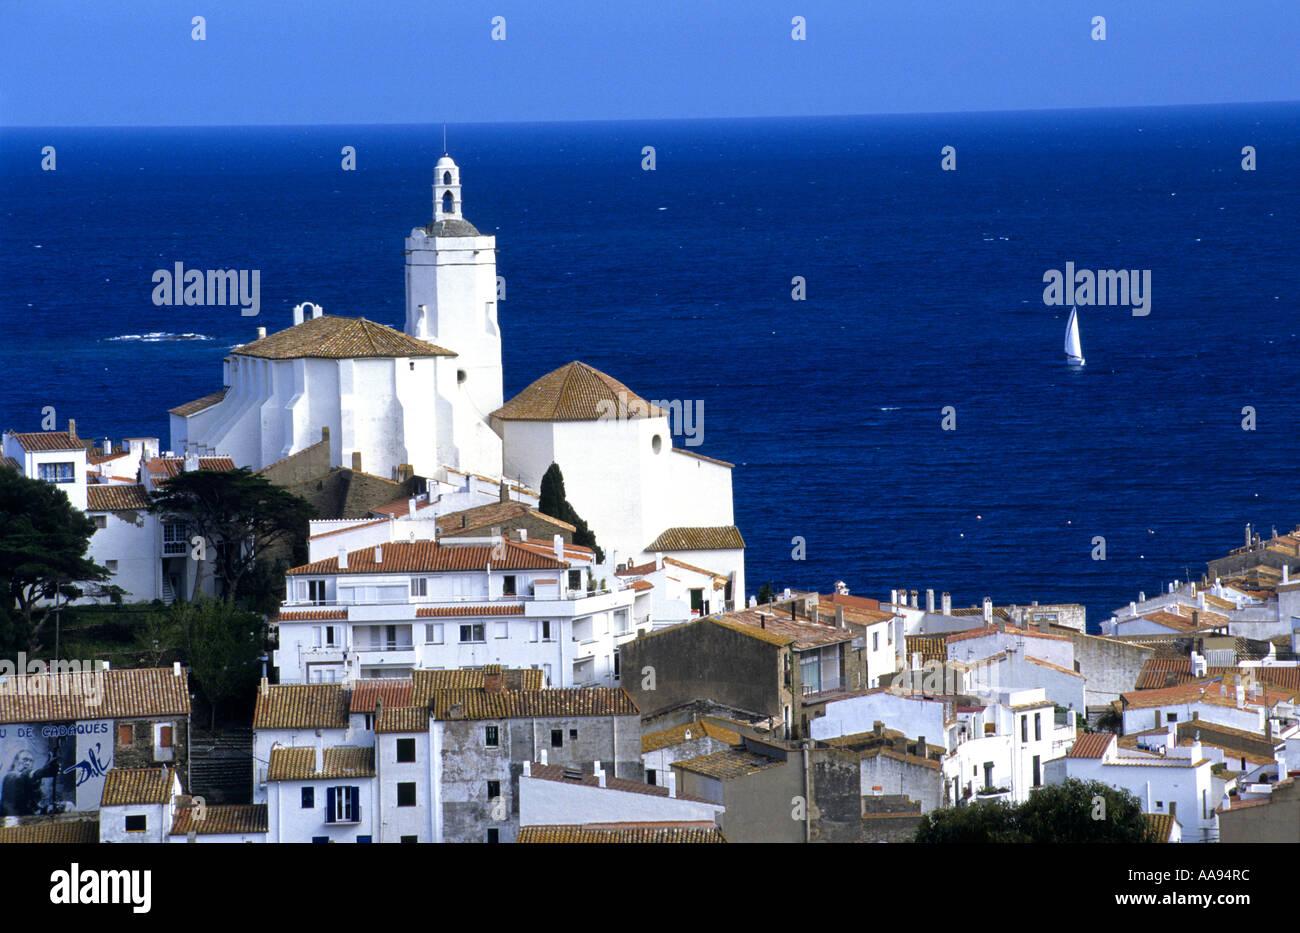 Cadaques Costa Brava Catalogna Spagna Immagini Stock